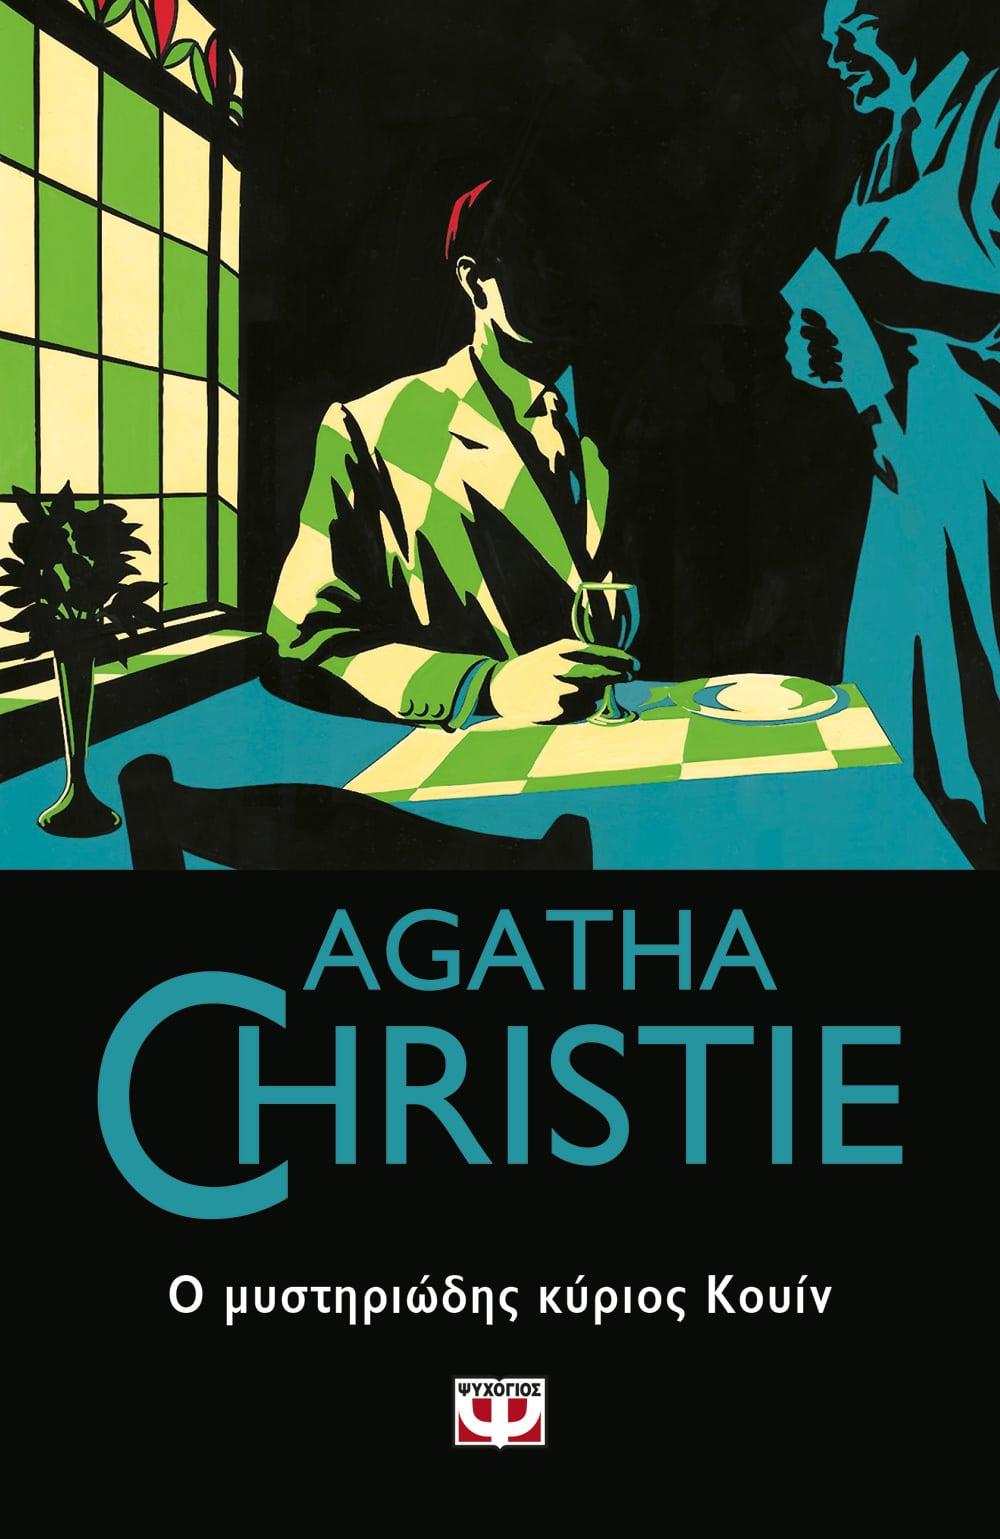 Ο μυστηριώδης κύριος Κουίν, , Christie, Agatha, 1890-1976, Ψυχογιός, 2021